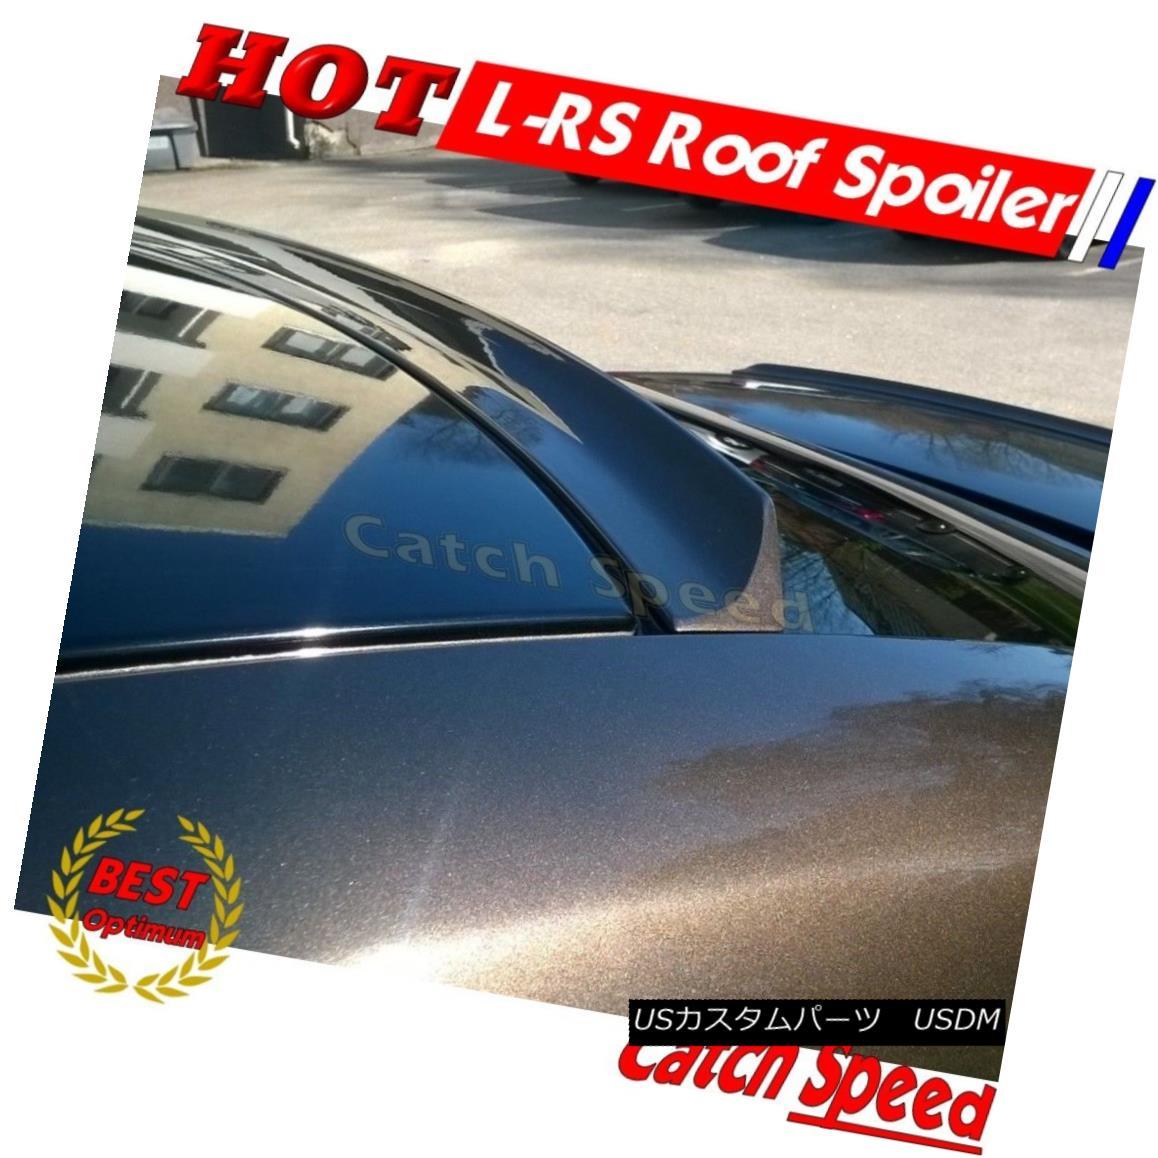 エアロパーツ Painted LRS Style Rear Wing Roof Spoiler For NISSAN ALTIMA SEDAN 2013 - 2015 ? NISSAN ALTIMA SEDAN 2013 - 2015のLRSスタイルのリアウィングルーフスポイラーを塗装しましたか?